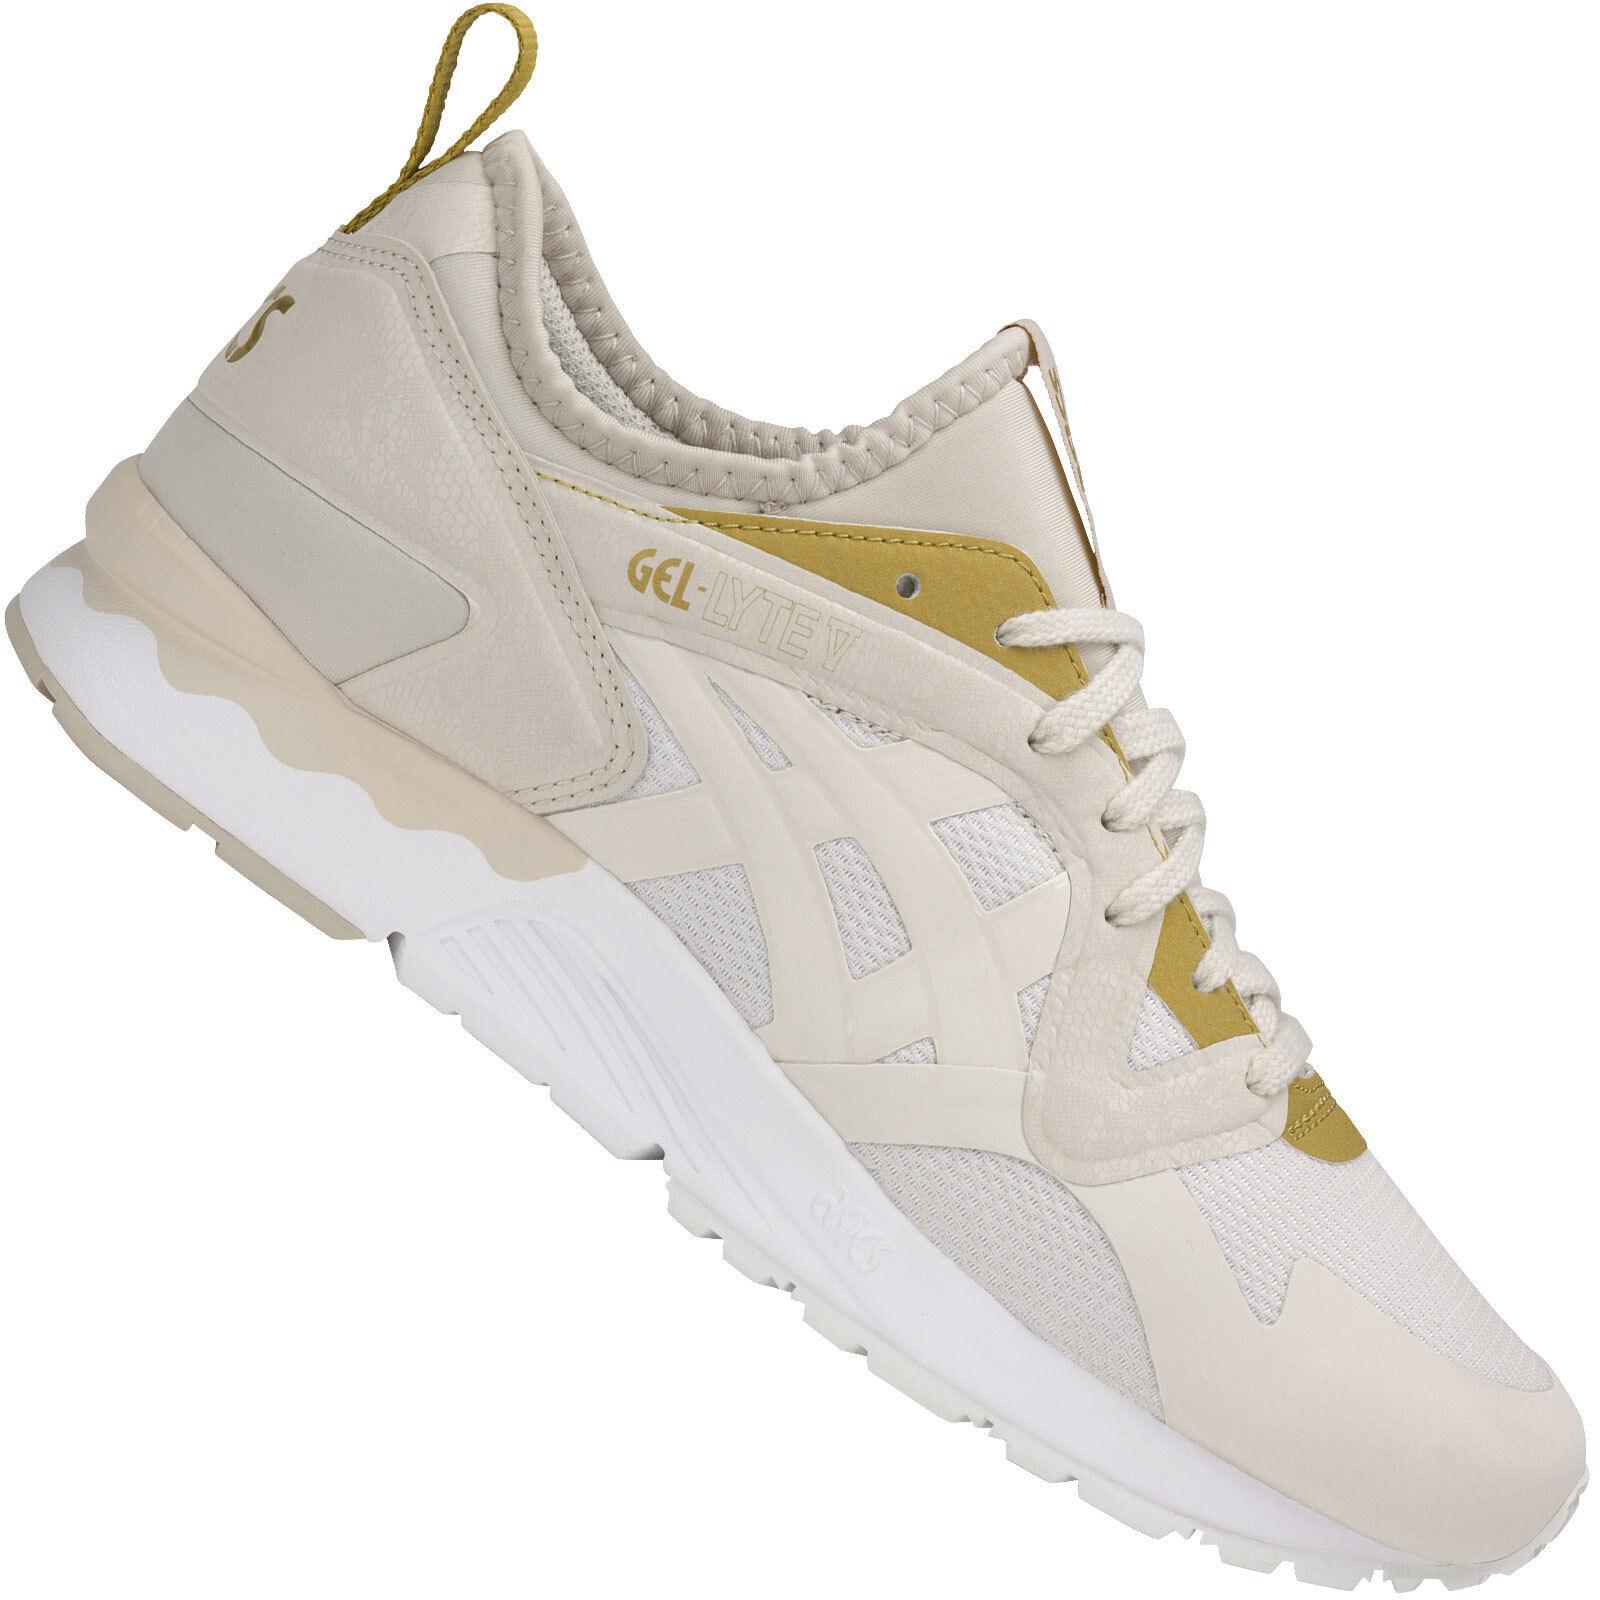 ASICS Tiger Gel-Lyte Sew-Da V 5 NS No Sew-Da Gel-Lyte Donna Sneaker Scarpe Sportive Scarpe da Ginnastica 9787a7